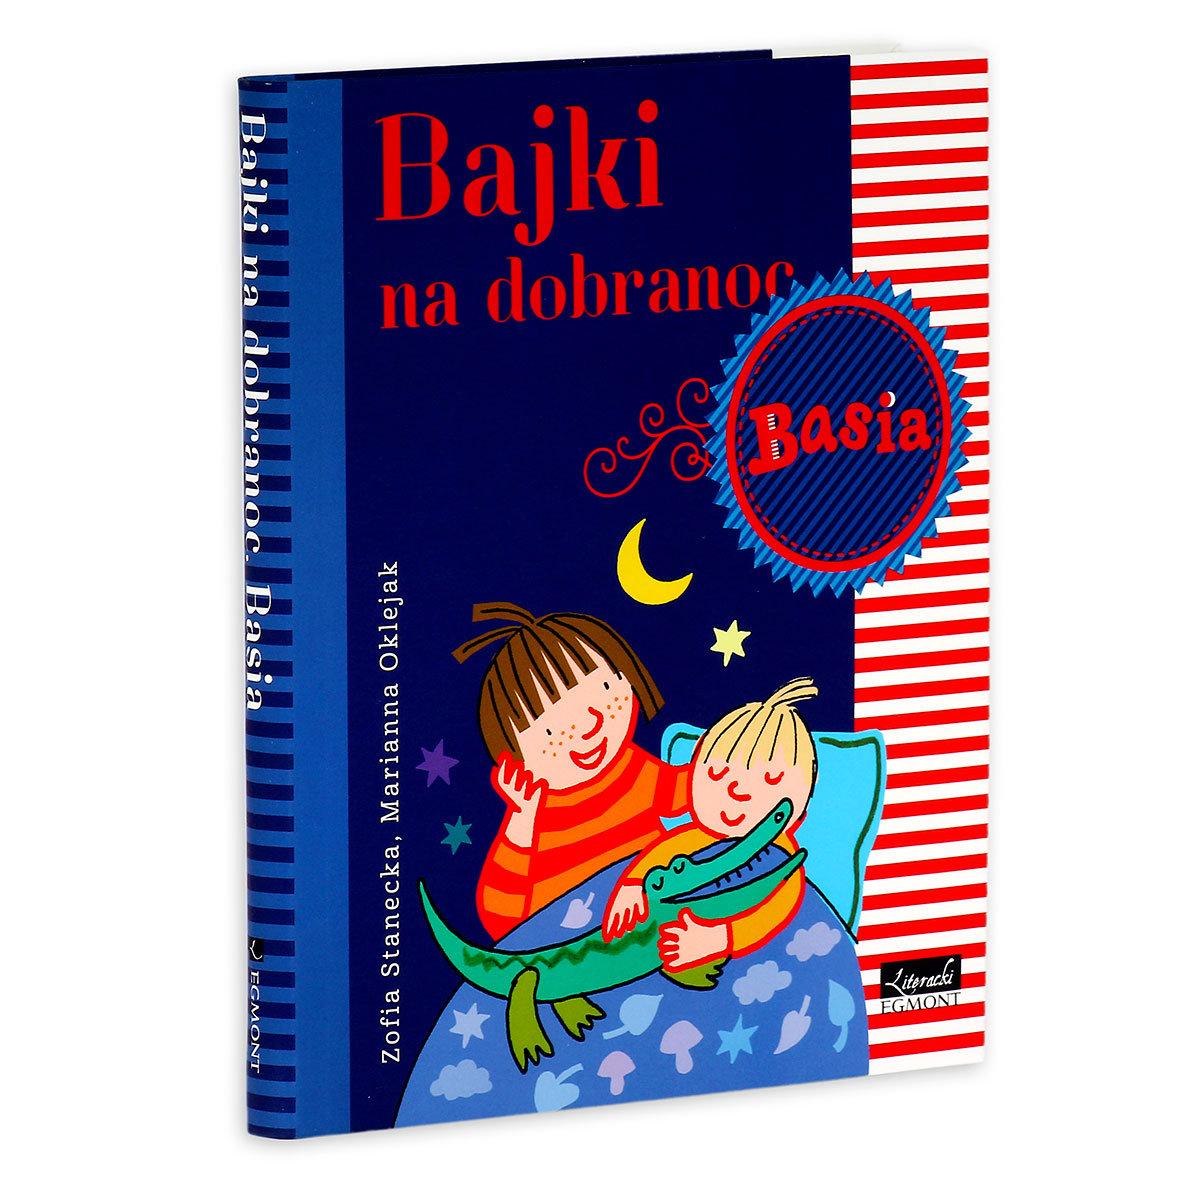 Basia Bajki Na Dobranoc